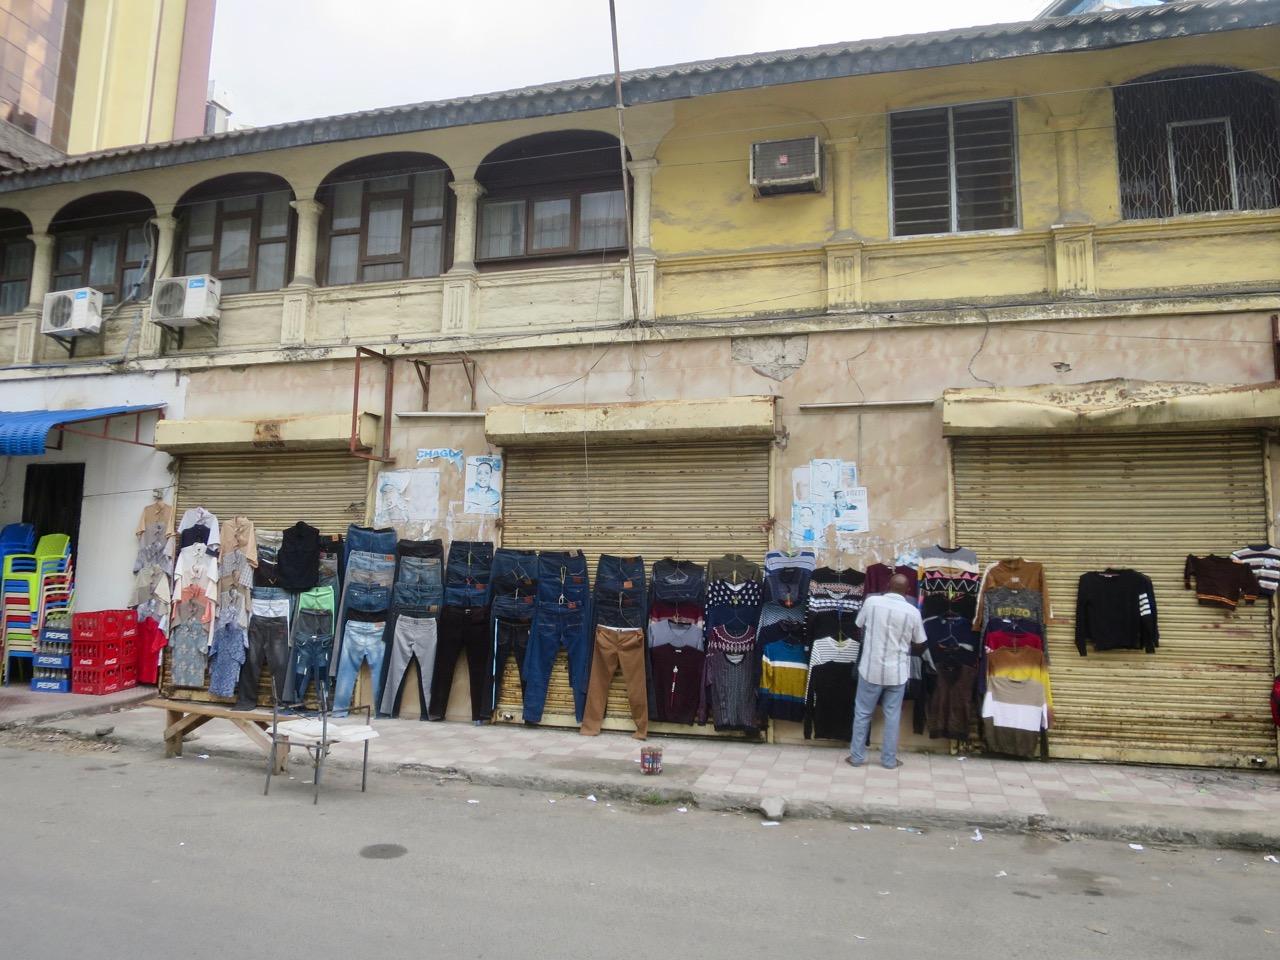 Dar es Salaam 1 17